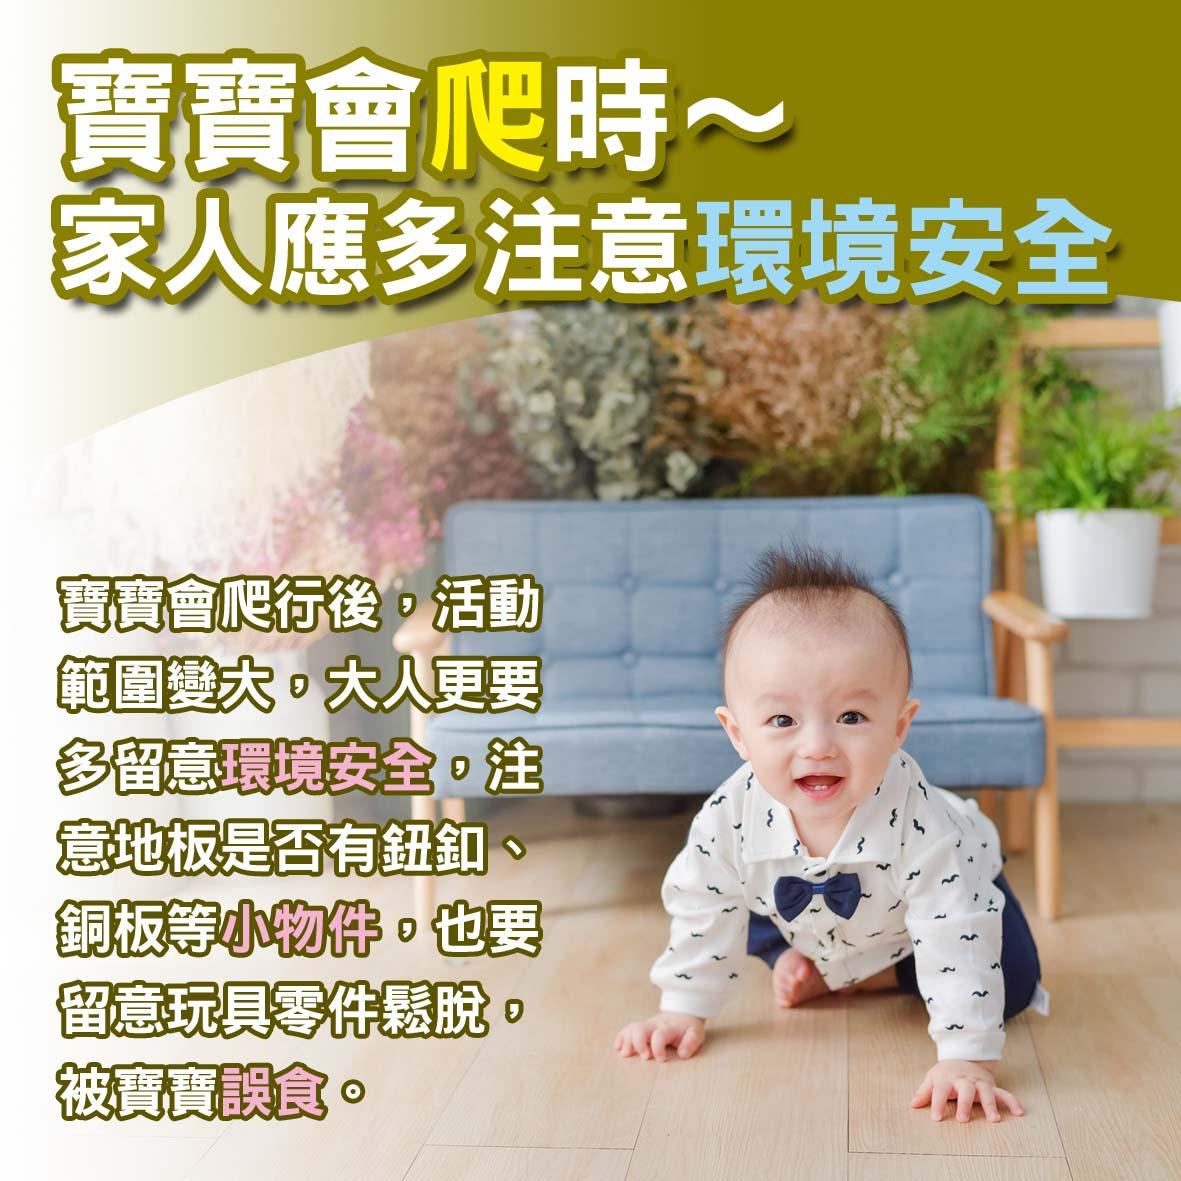 寶寶篇第29週-寶寶會爬時~家人應多注意環境安全